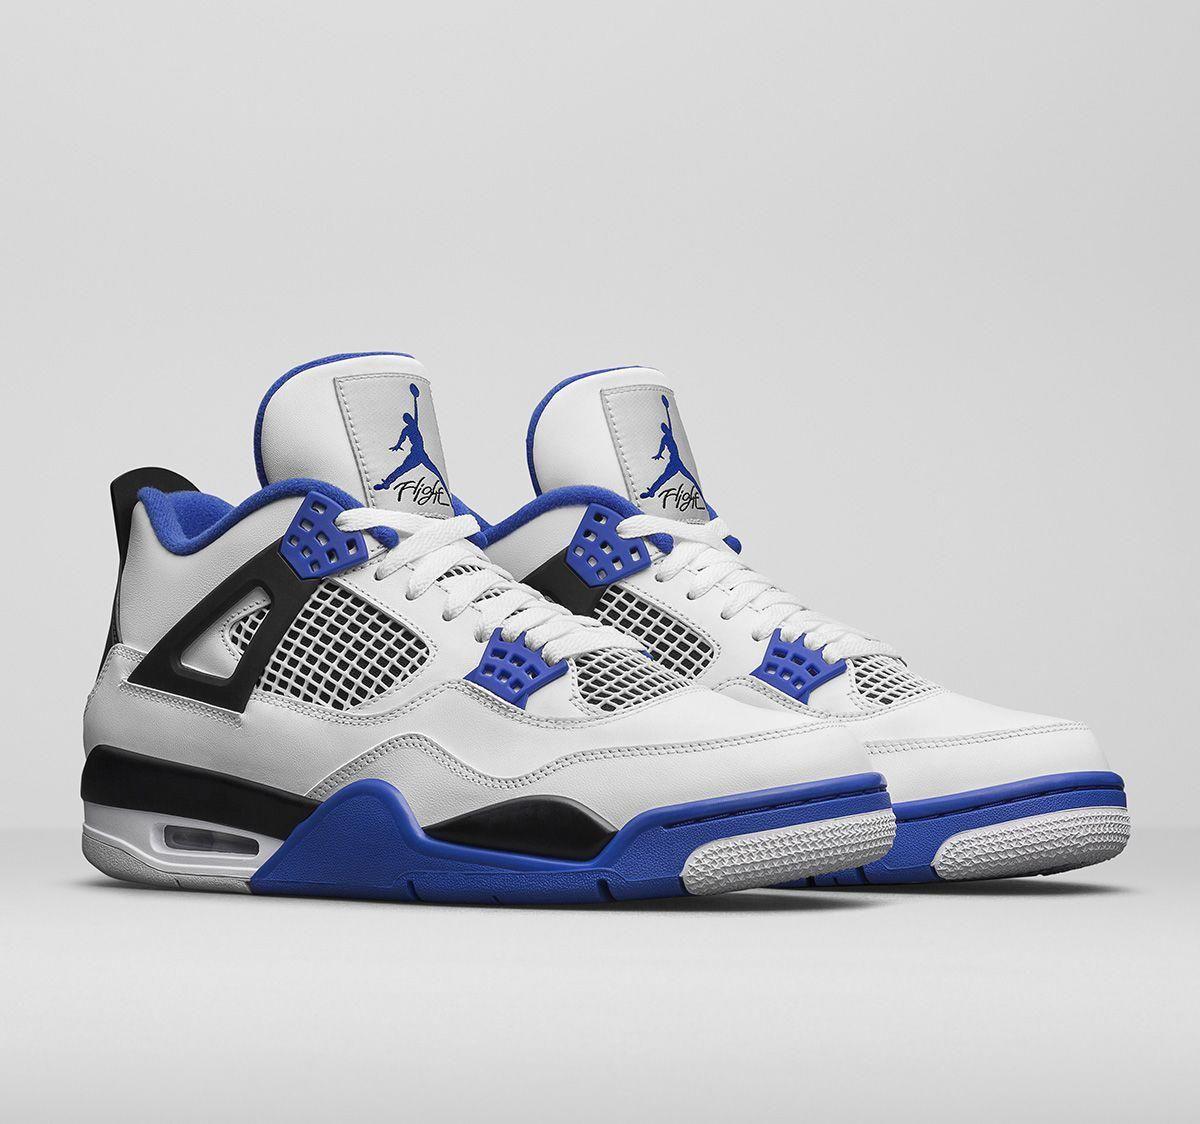 buy popular ed6cd 29c46 Release Date  Air Jordan 4 Retro Motorsports - EU Kicks  Sneaker Magazine   Sneakers